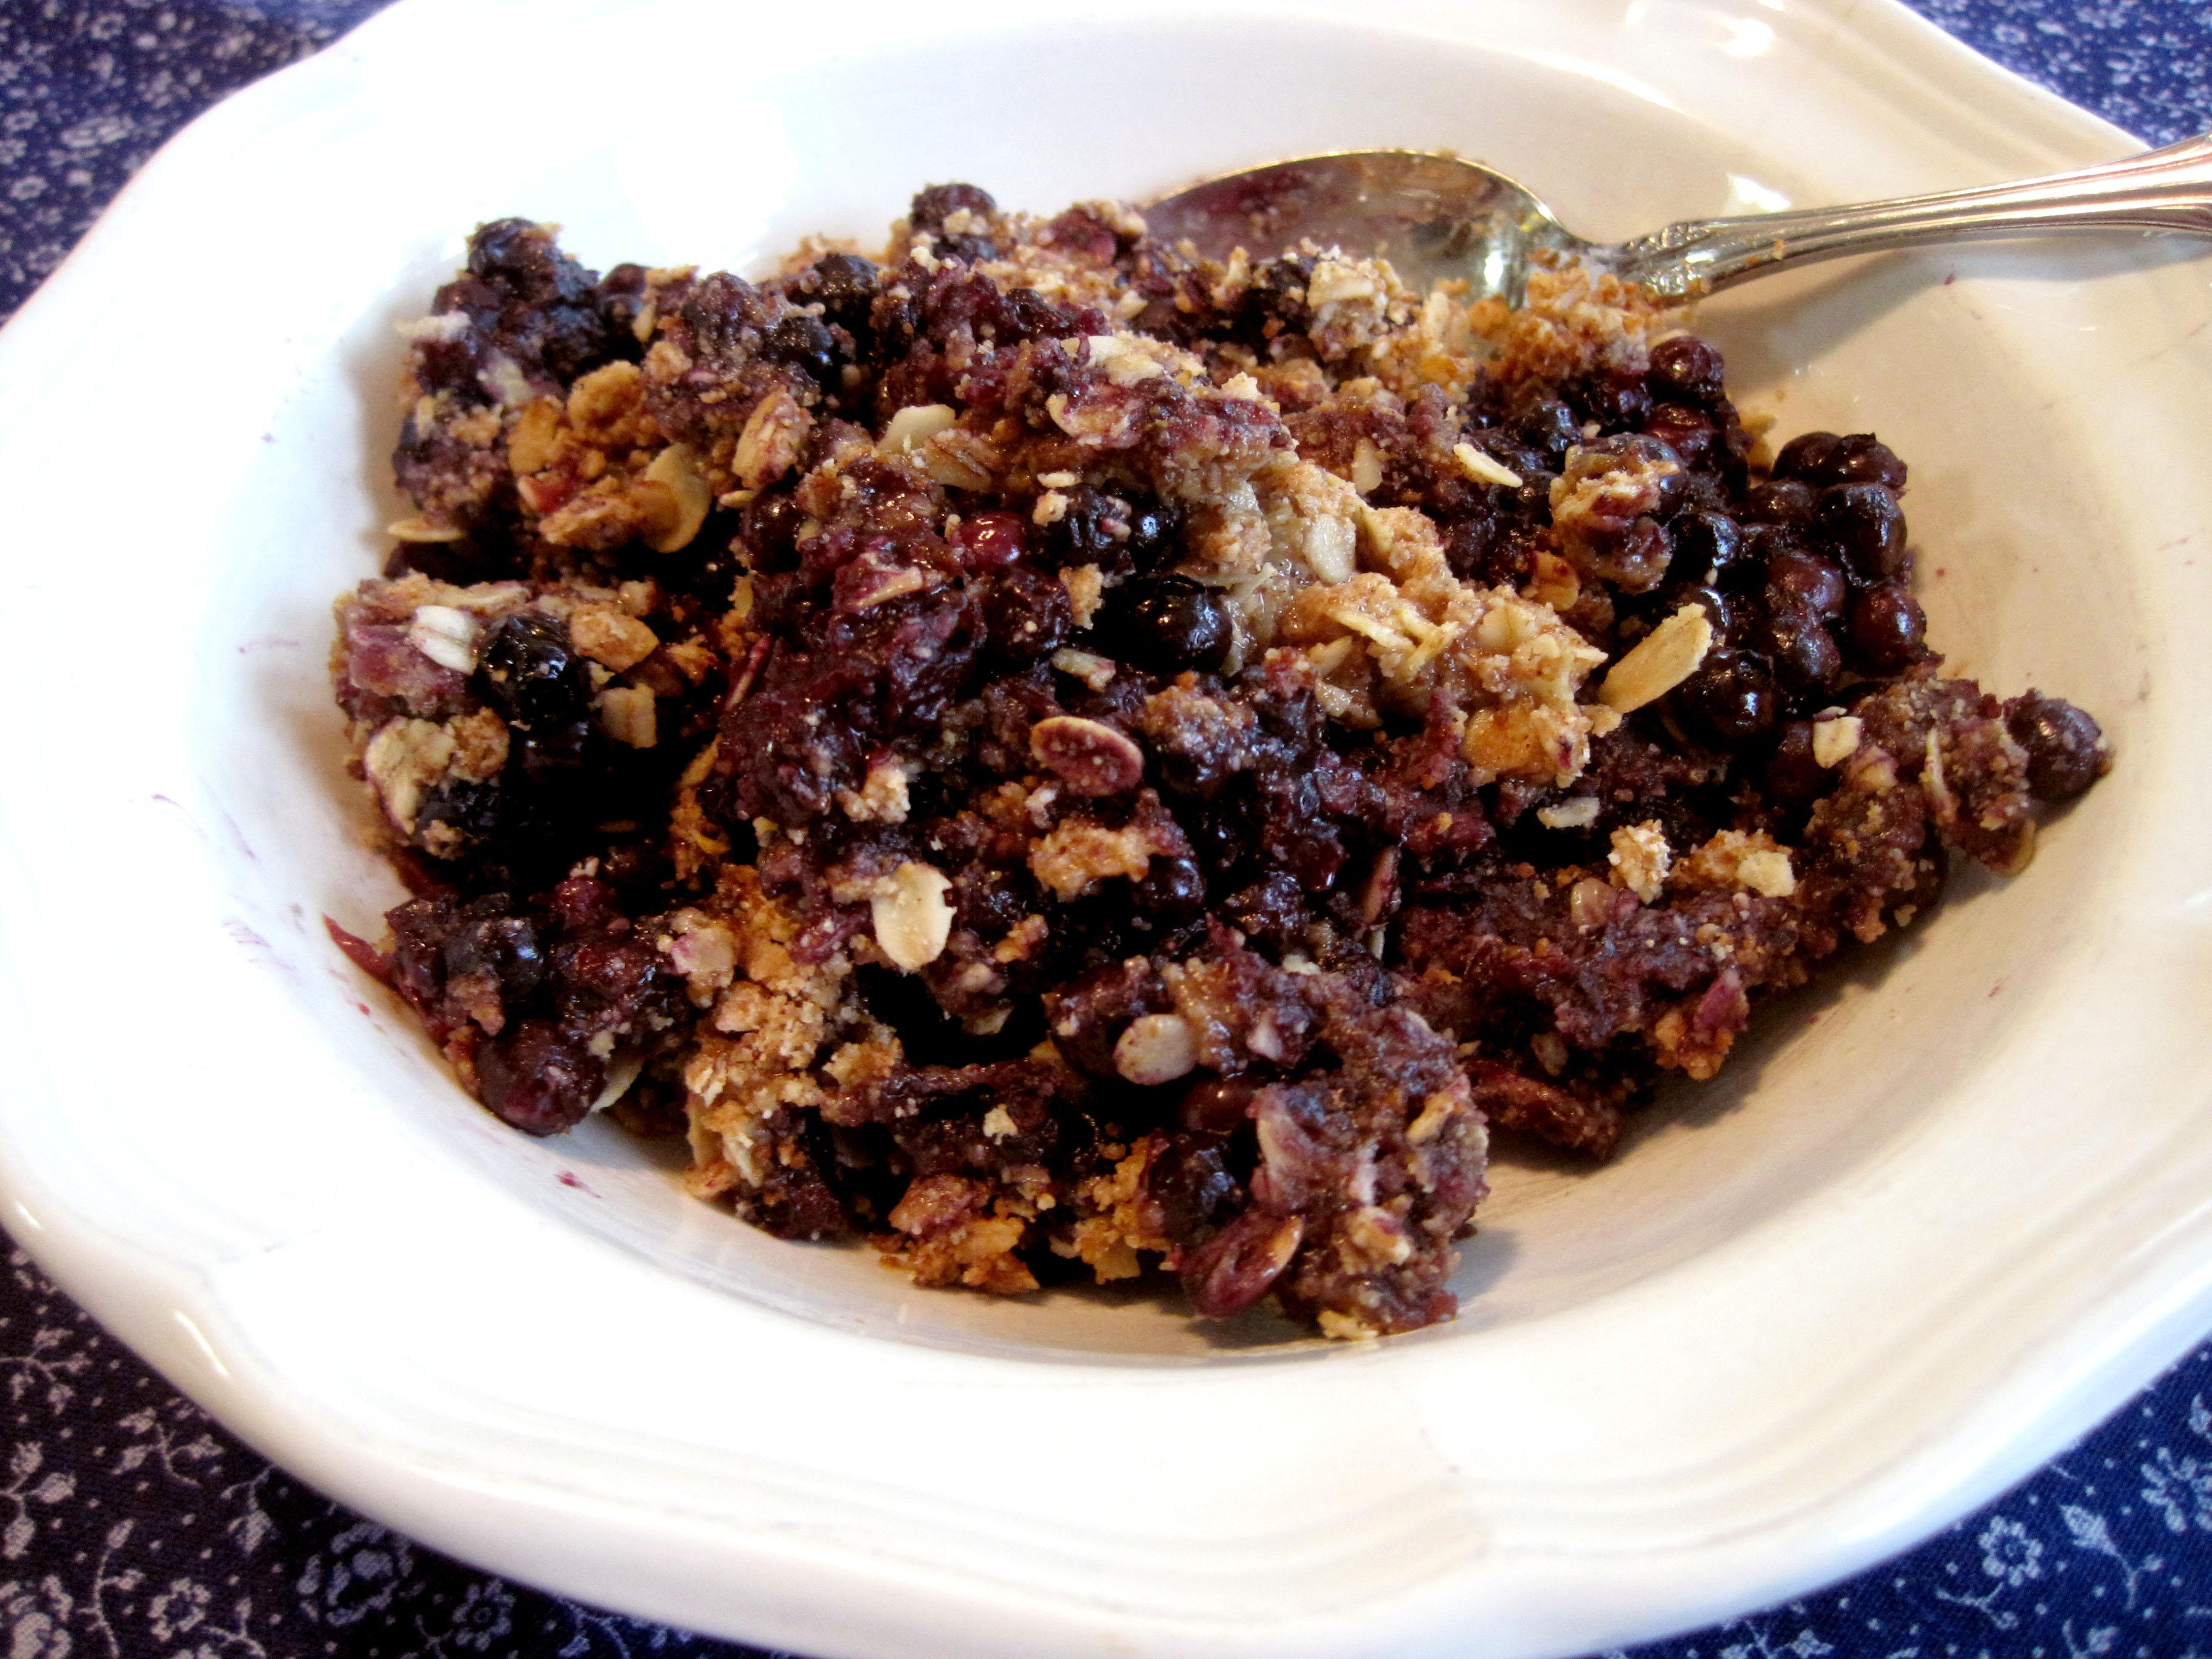 Warm Blueberry Crumble – Gluten-Free